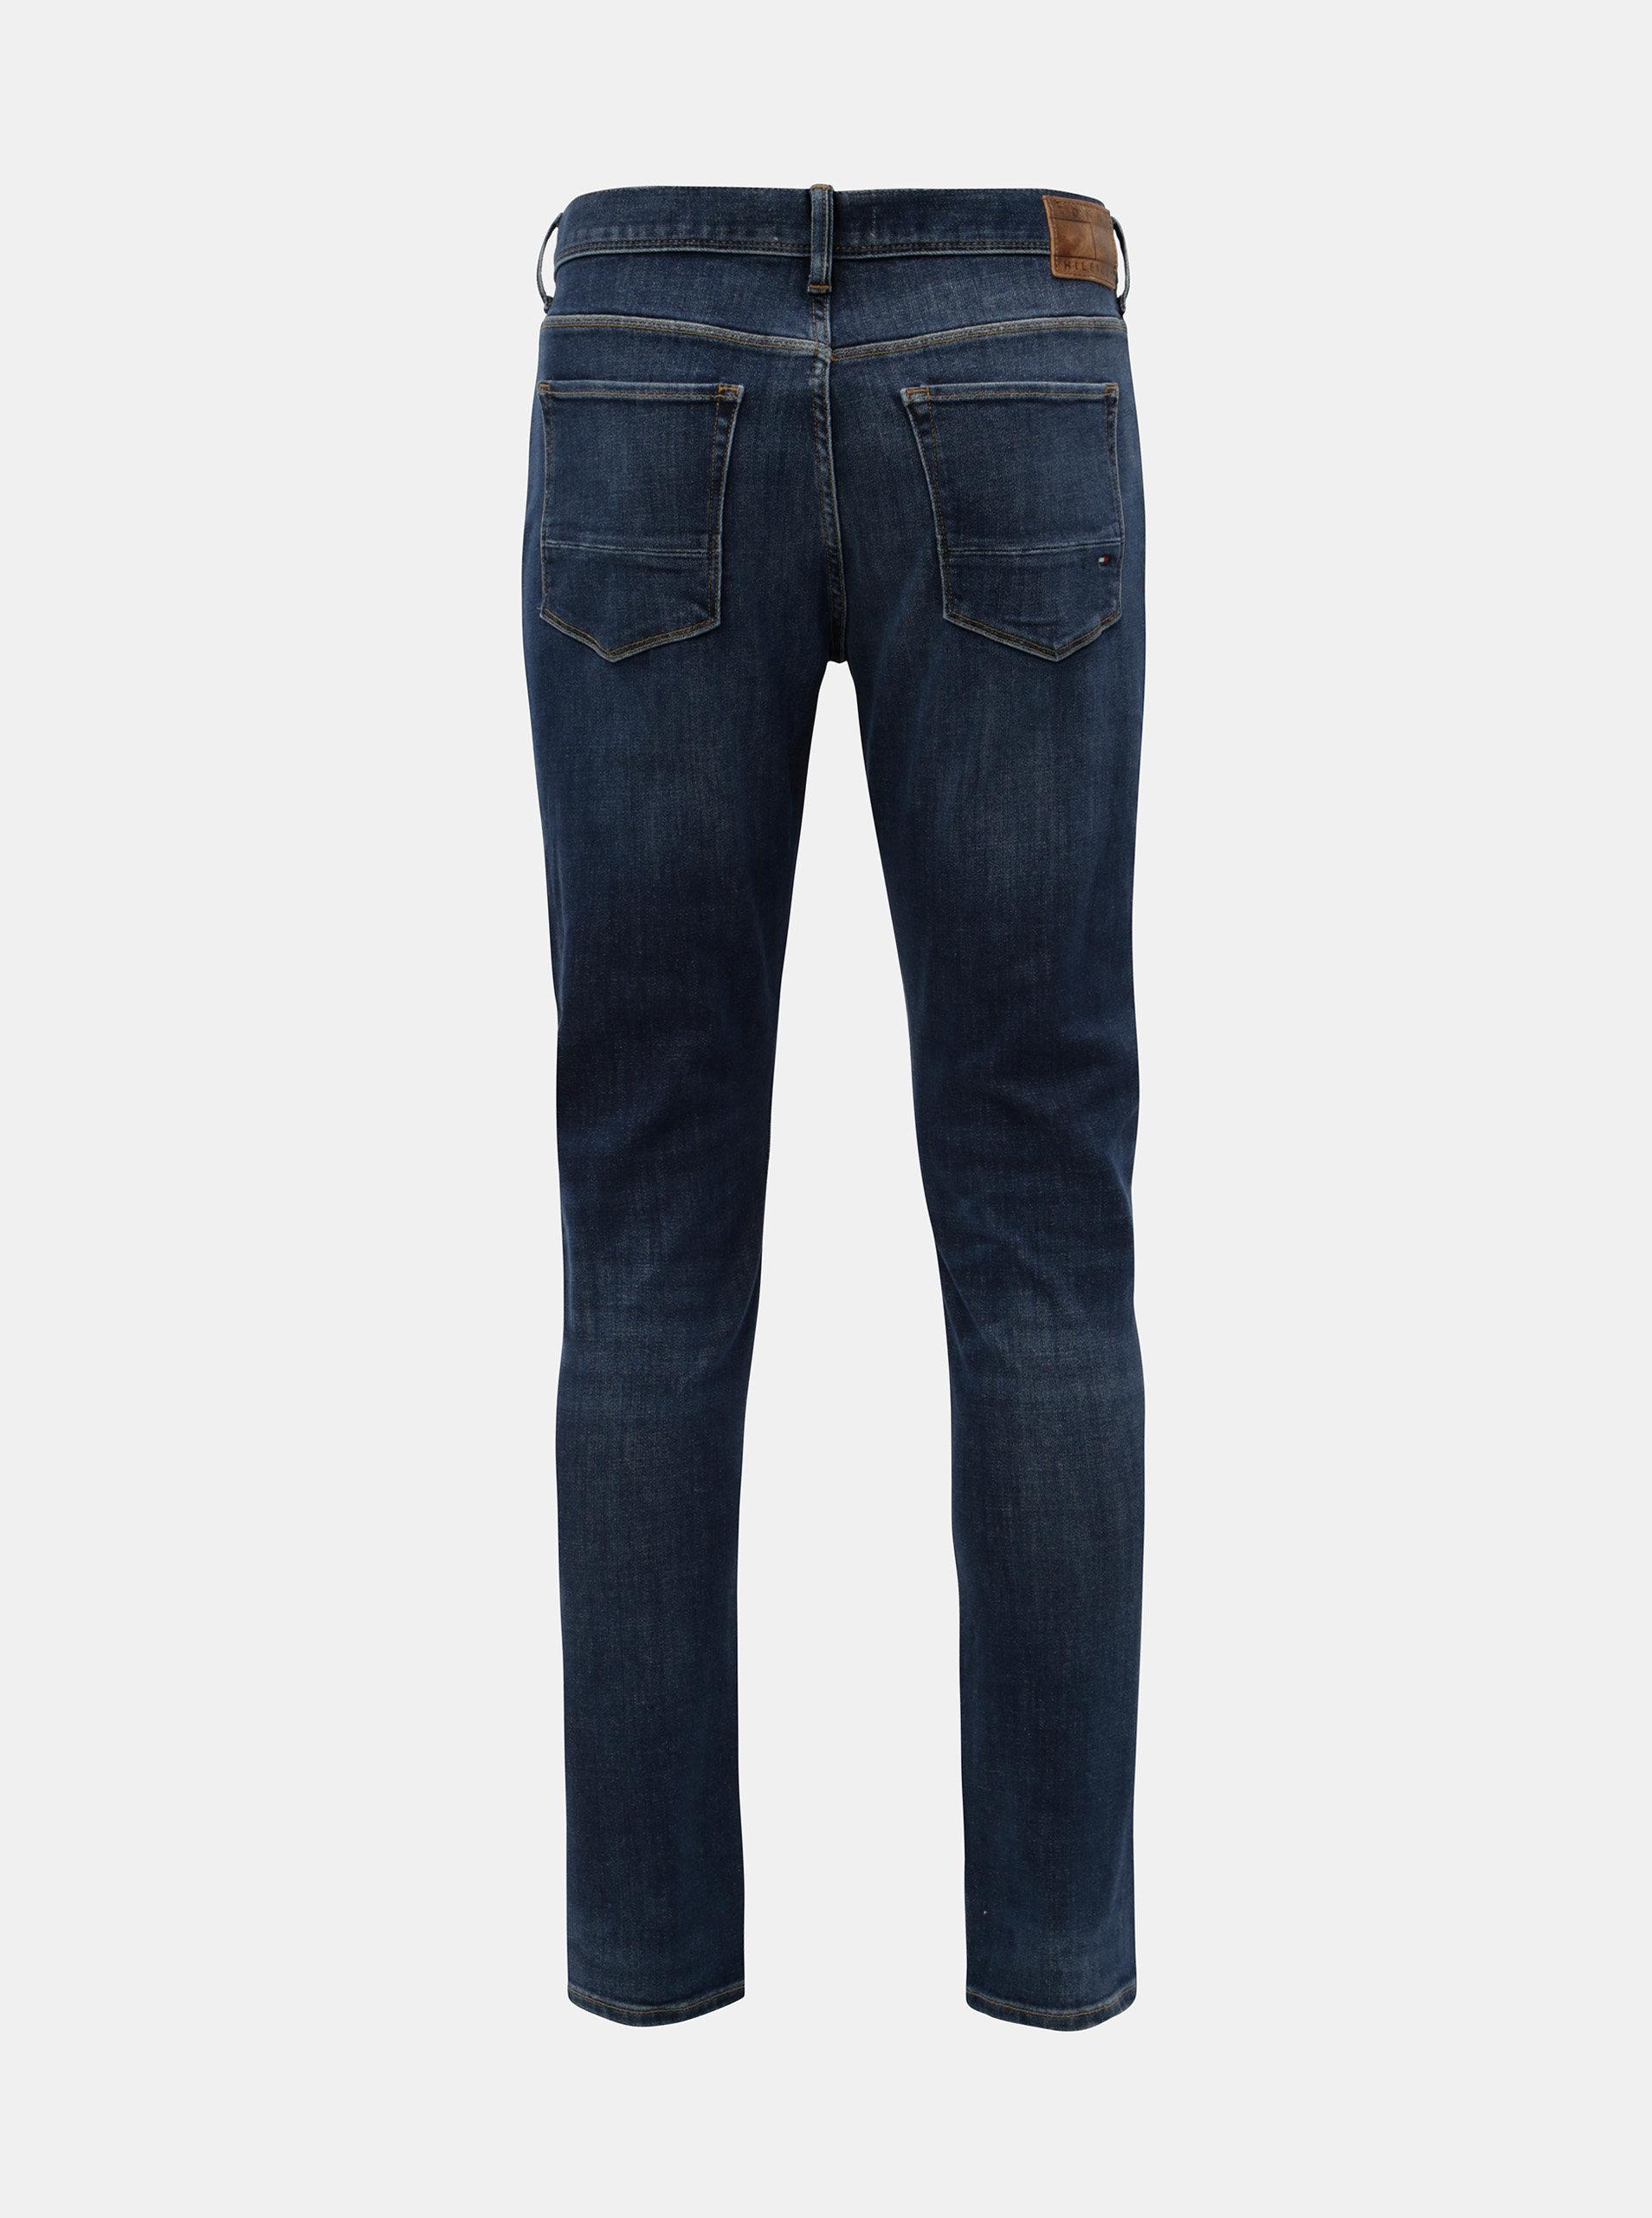 Modré pánské slim fit džíny Tommy Hilfiger Layton ... c60f24bd6a